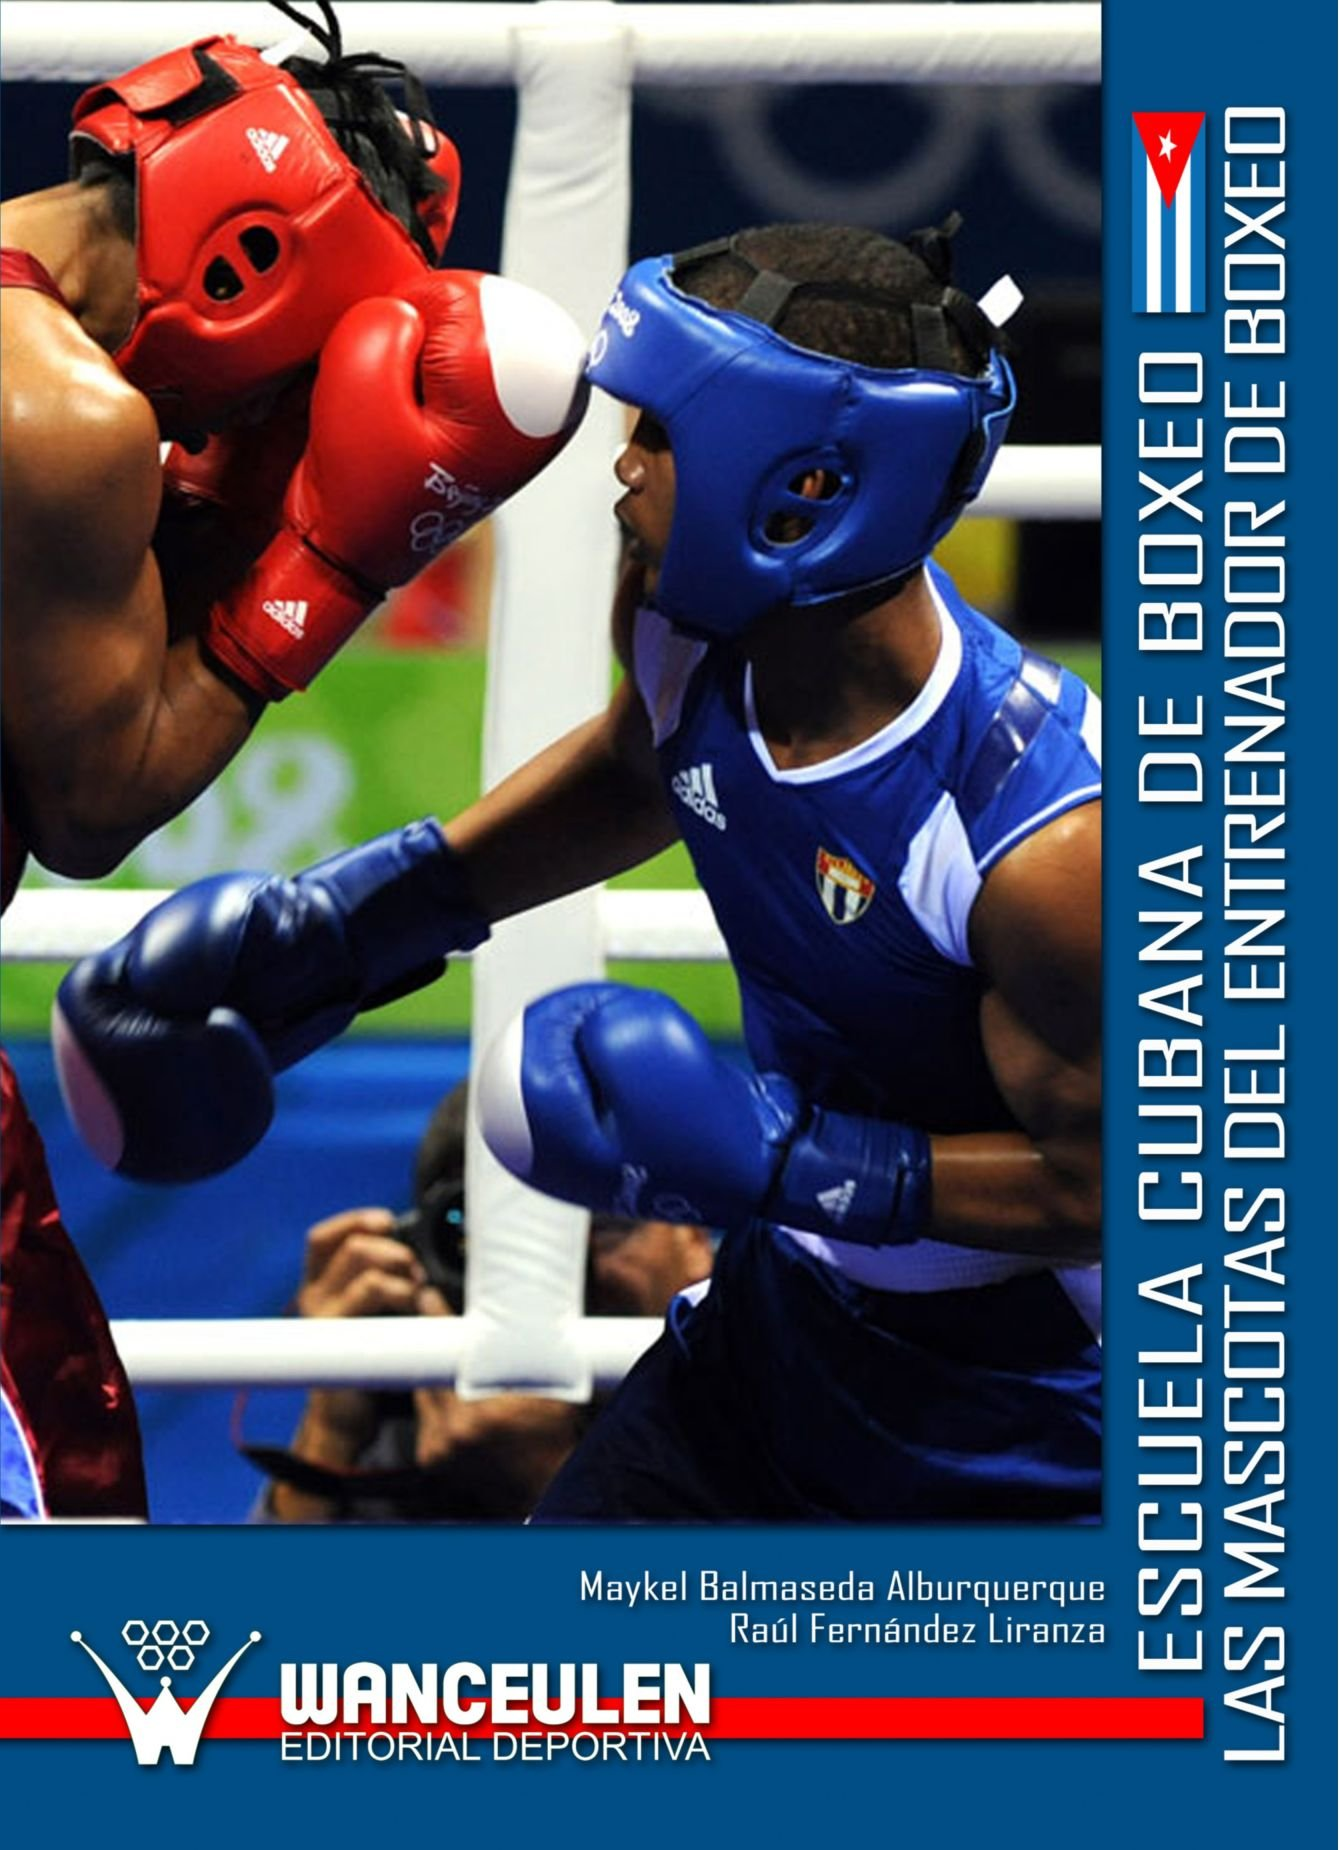 Escuela Cubana De Boxeo. Las Mascotas Del Entrenador De Boxeo: Amazon.es: Alburquerque, Maykel Balmaseda: Libros